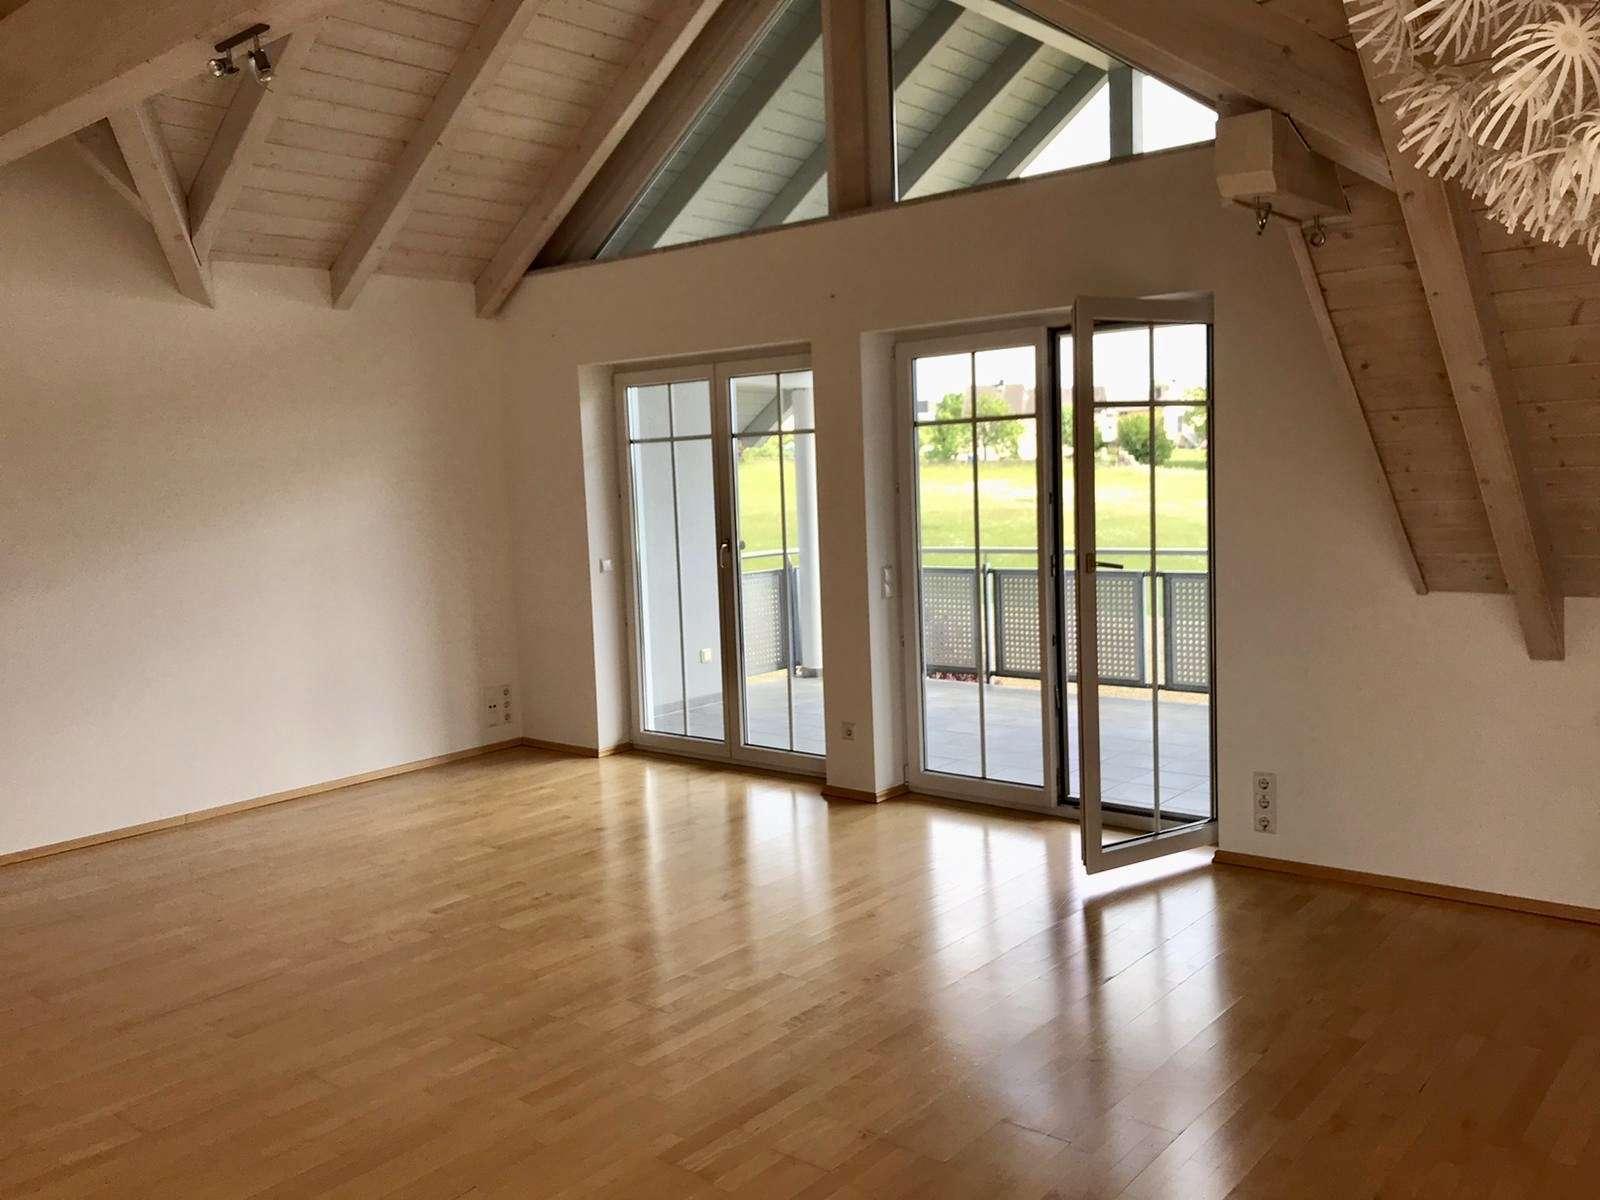 Wunderschöne Dachgeschoss-Wohnung in ruhiger Lage mit Blick ins Grüne in